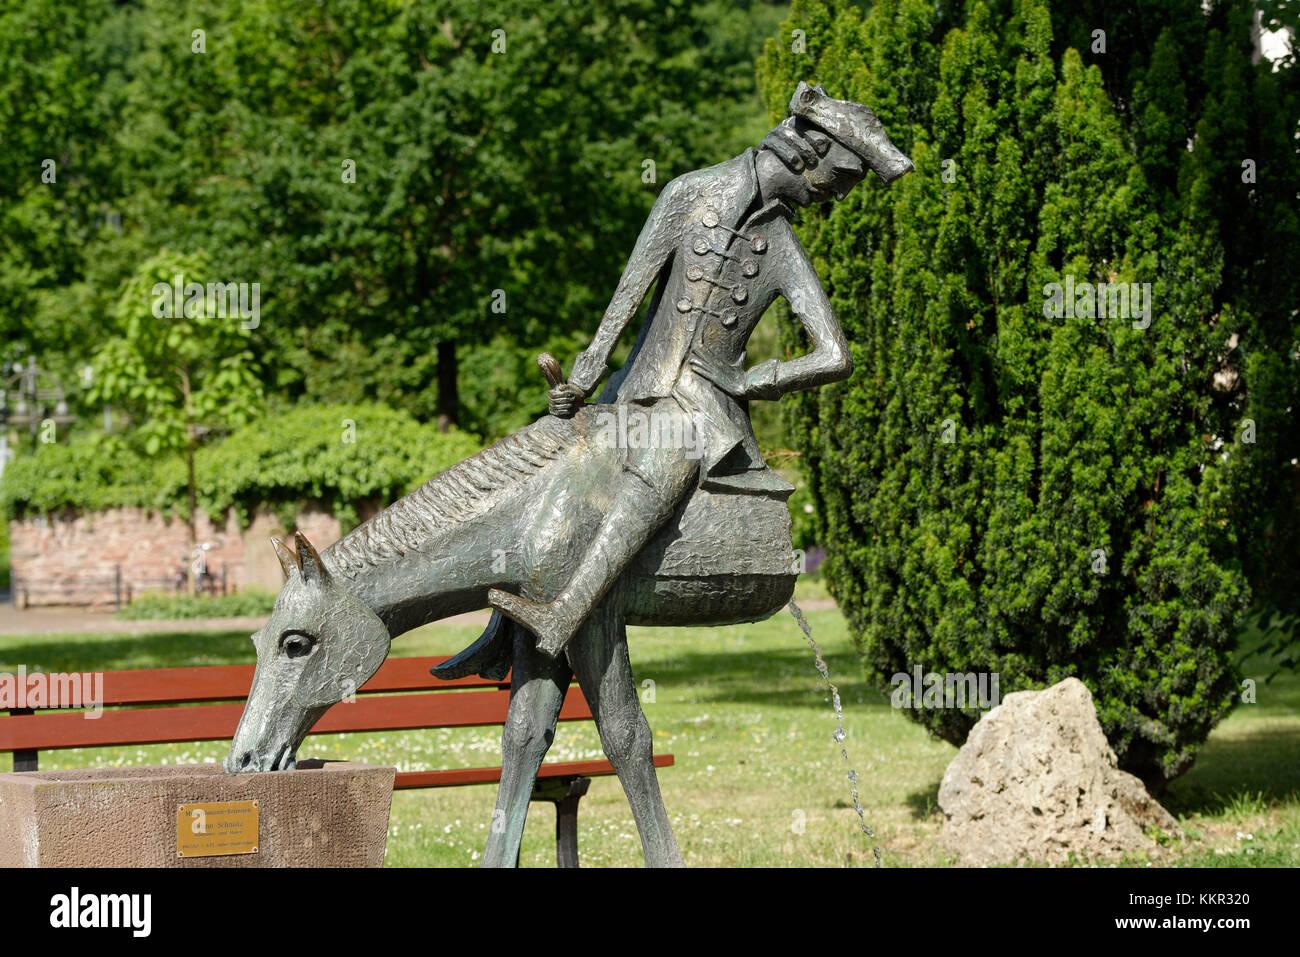 Münzhausener Skulptur in der Altstadt von Bodenwerder, Weserberge, Niedersachsen, Deutschland Stockfoto